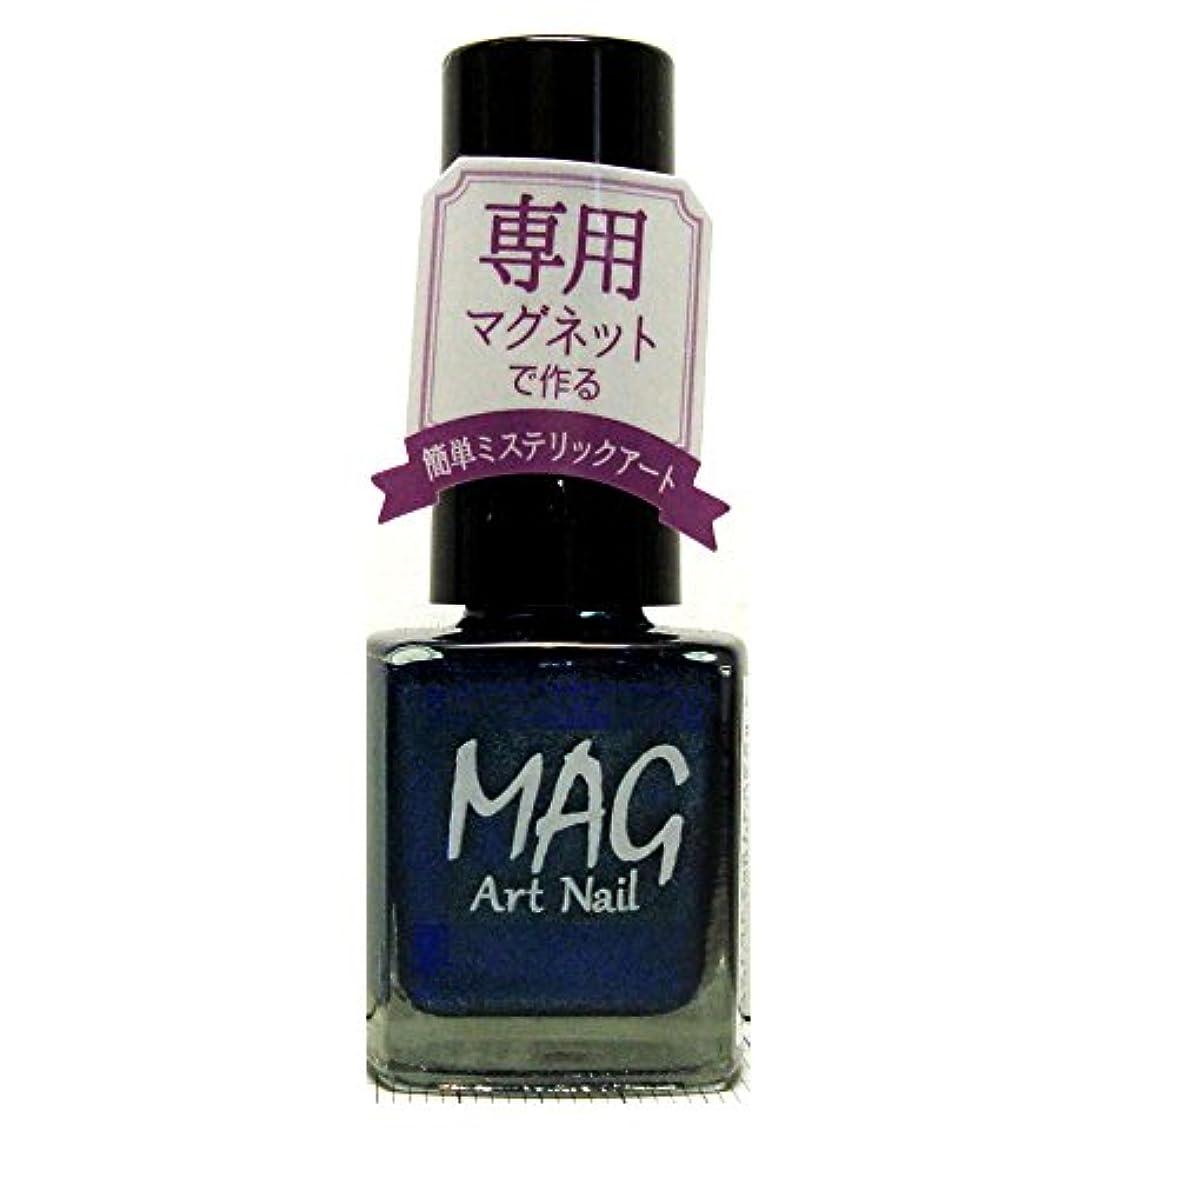 無心強度耕すTMマグアートネイル(爪化粧料) TMMA1605 ナイトブルー